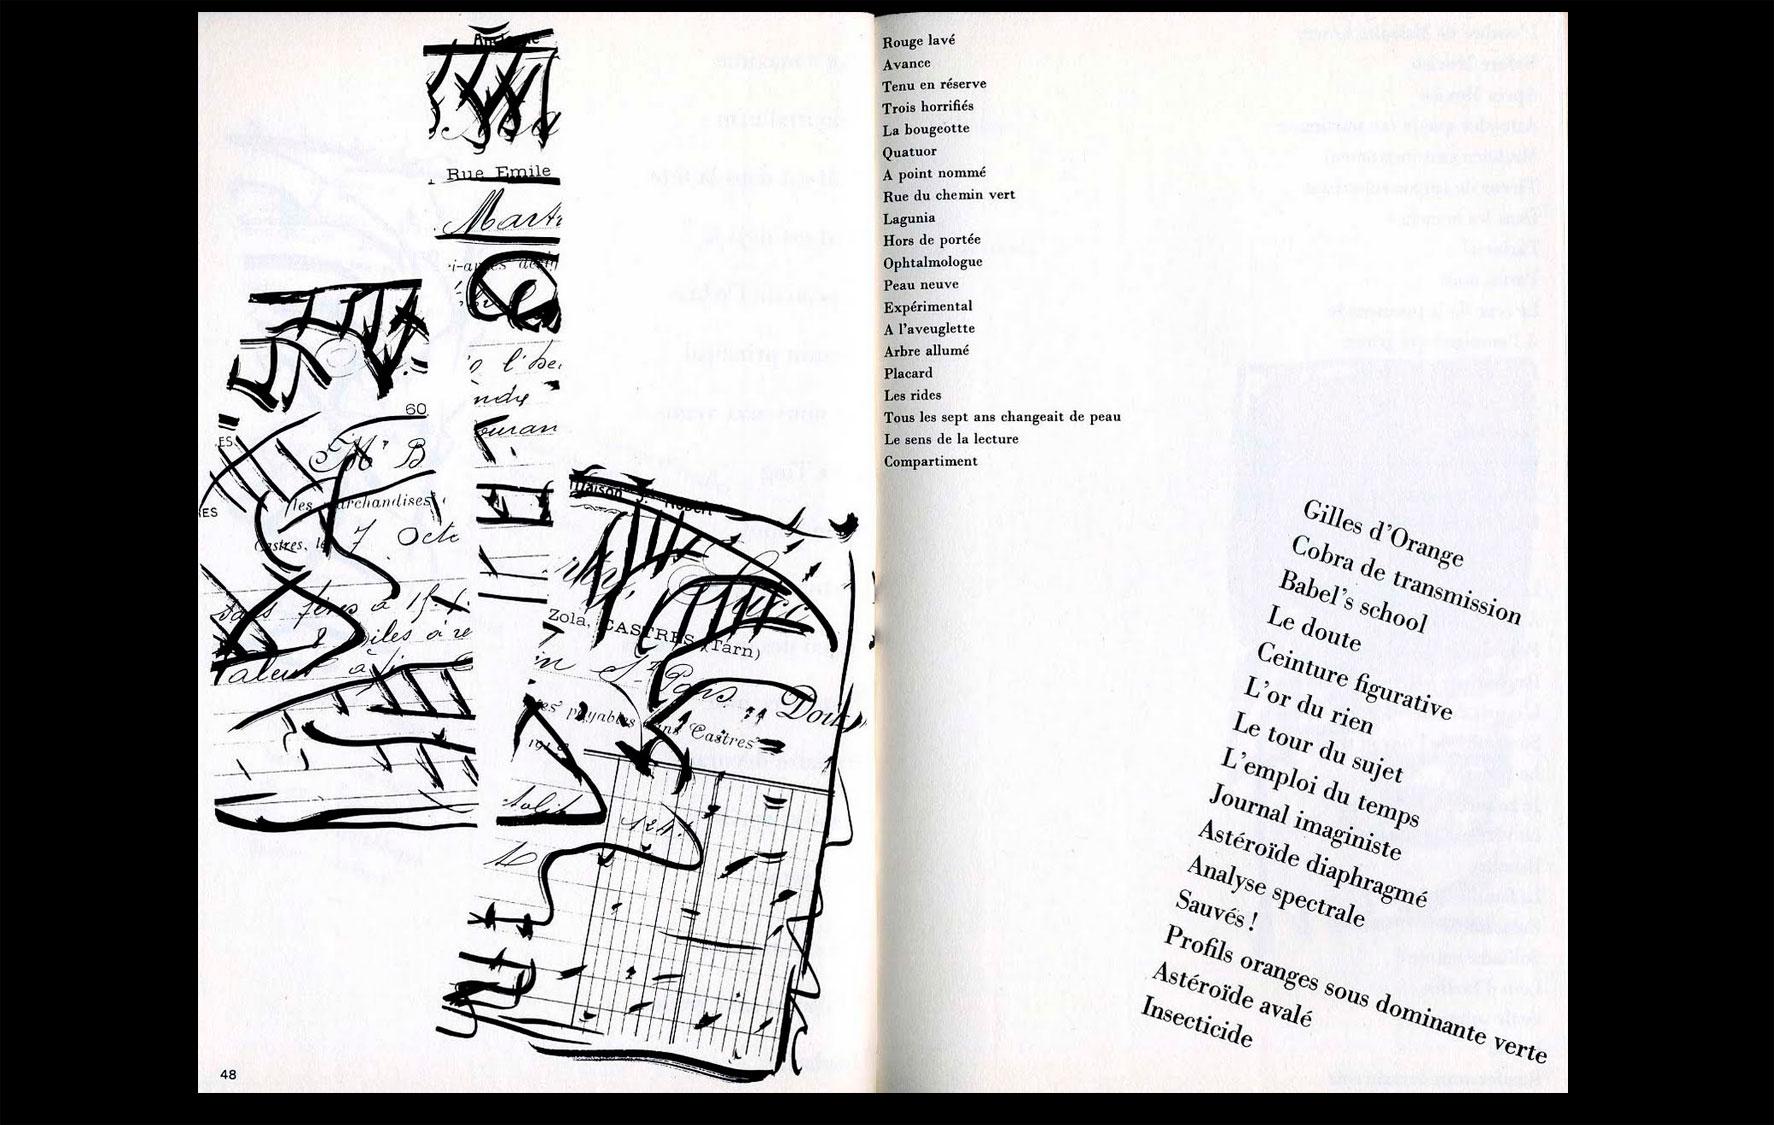 Le-Bureau-des-titres-Pierre-Faucheux-1983-06